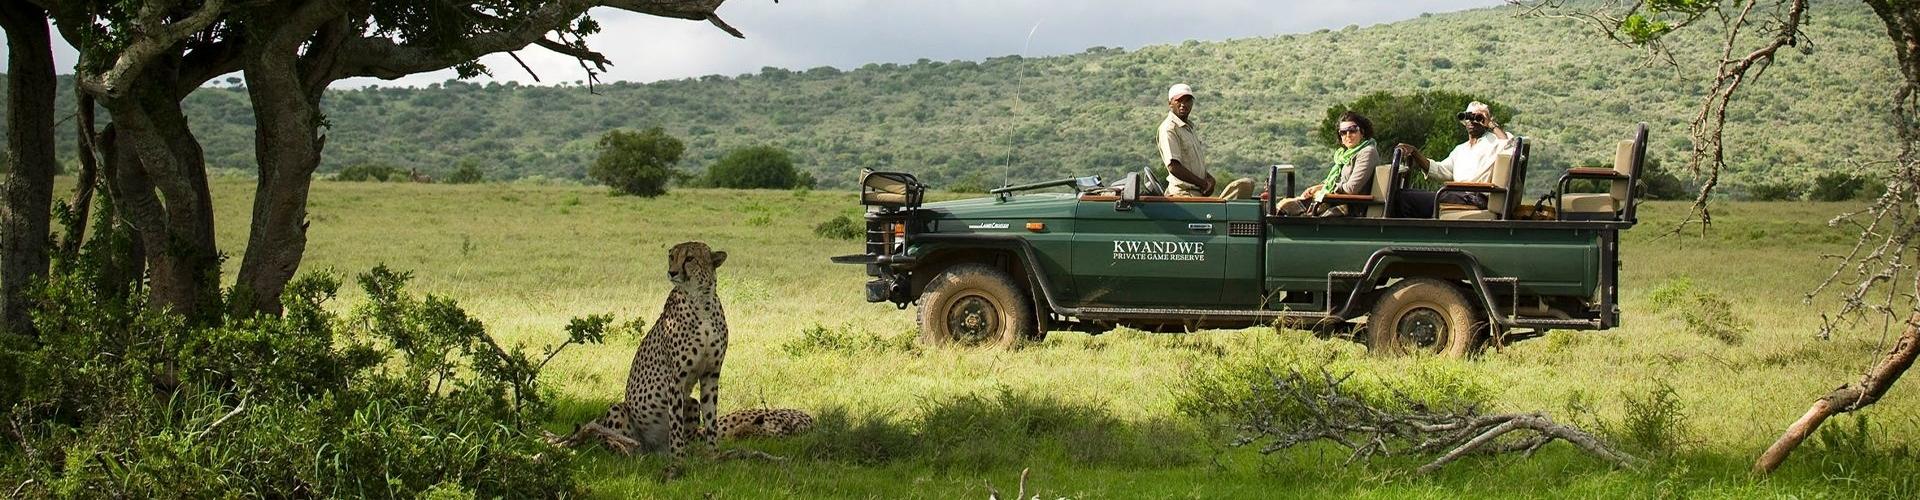 private game reserves safari